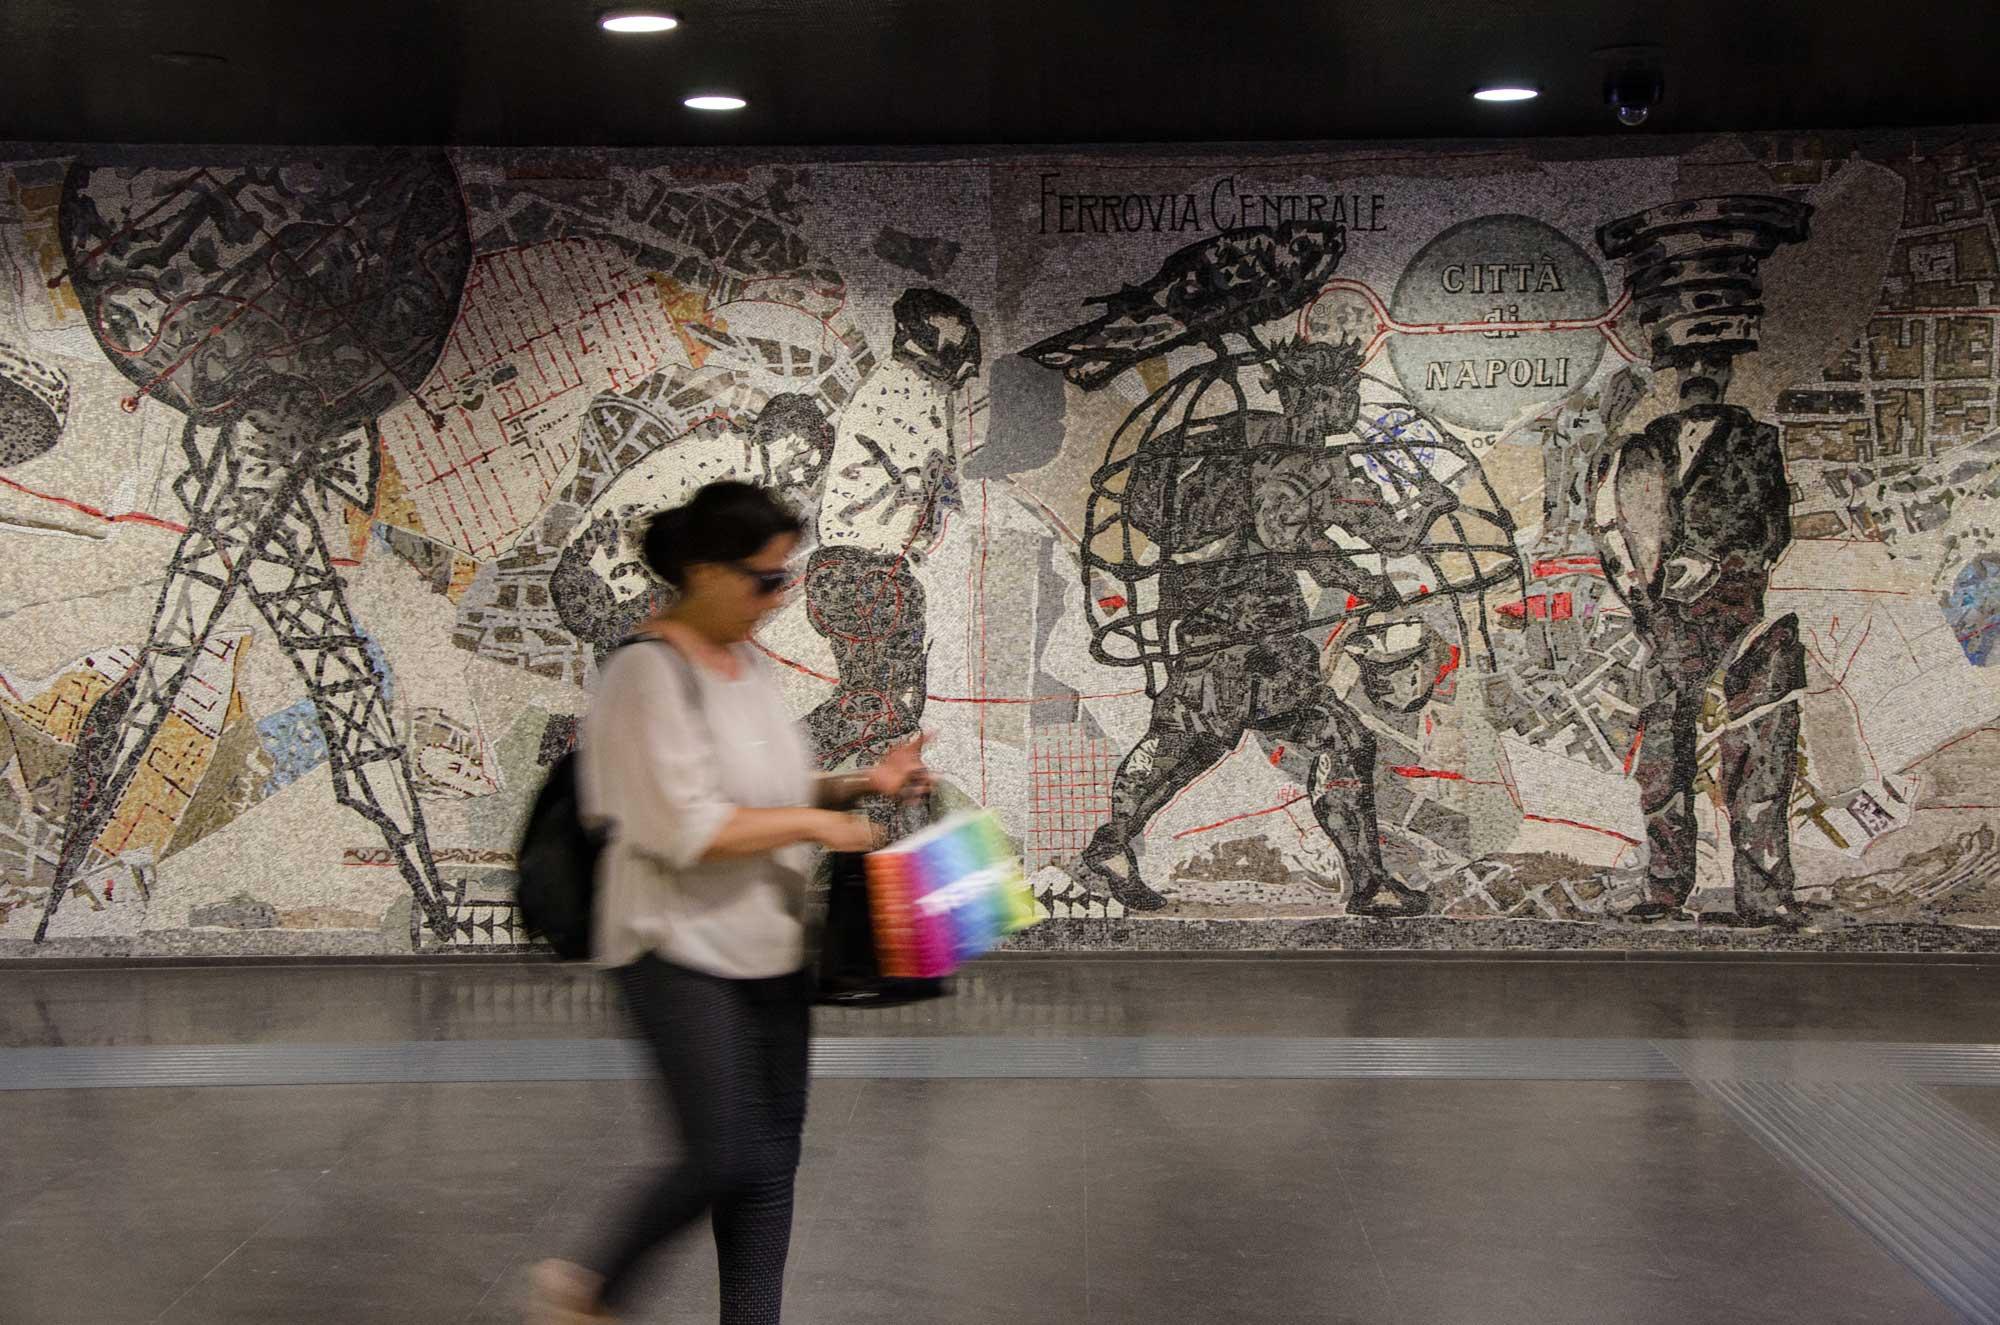 William Kentridge: Ferrovia Centrale per la città die Napoli, 1906 (Naples Procession) (2012). Metro Toledo, Neapel. Foto: Lothar Ruttner